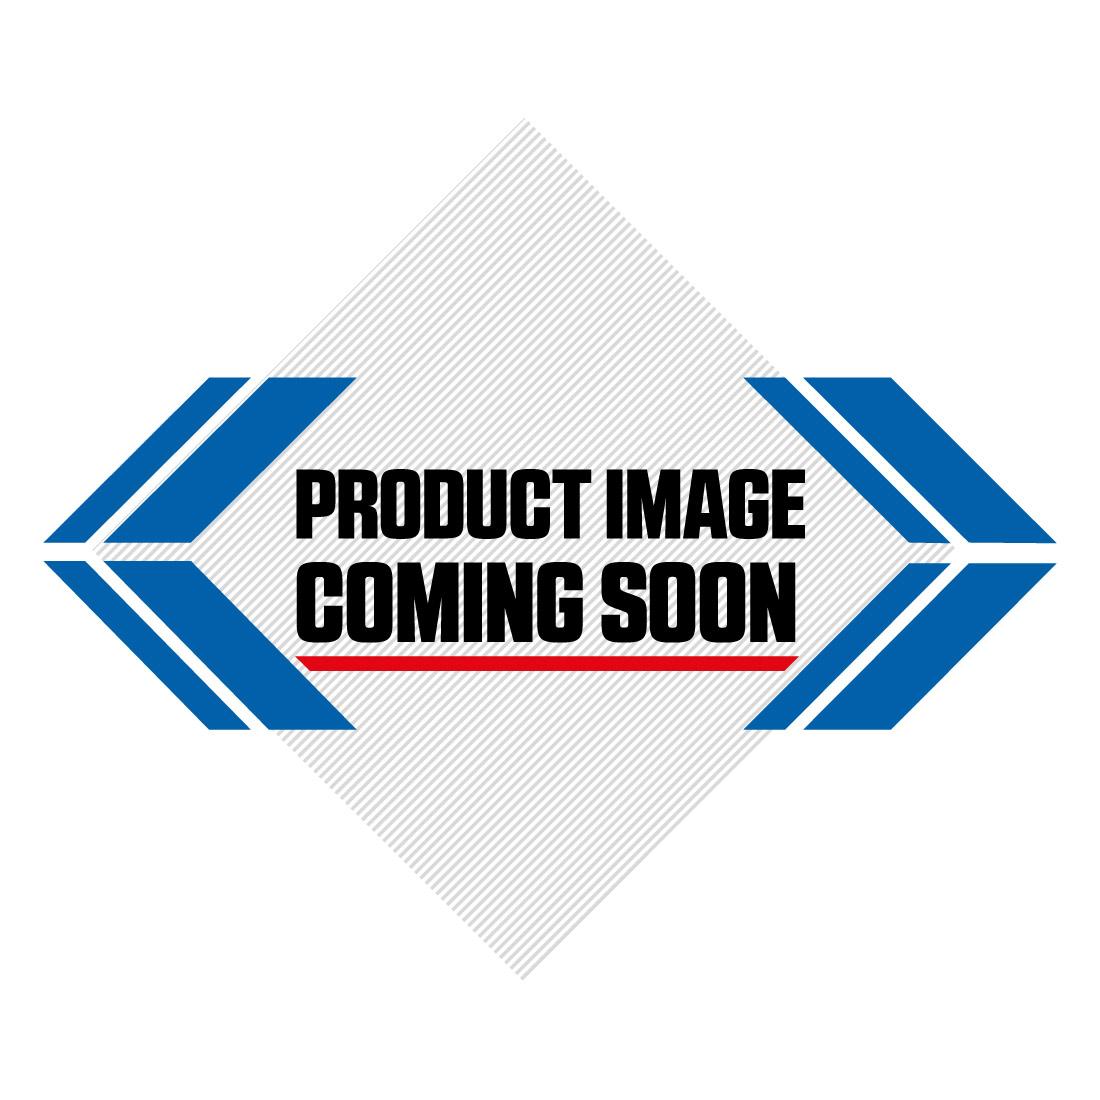 Kawasaki Plastic Kit KX 125 250 (99-02) OEM Factory Image-1>